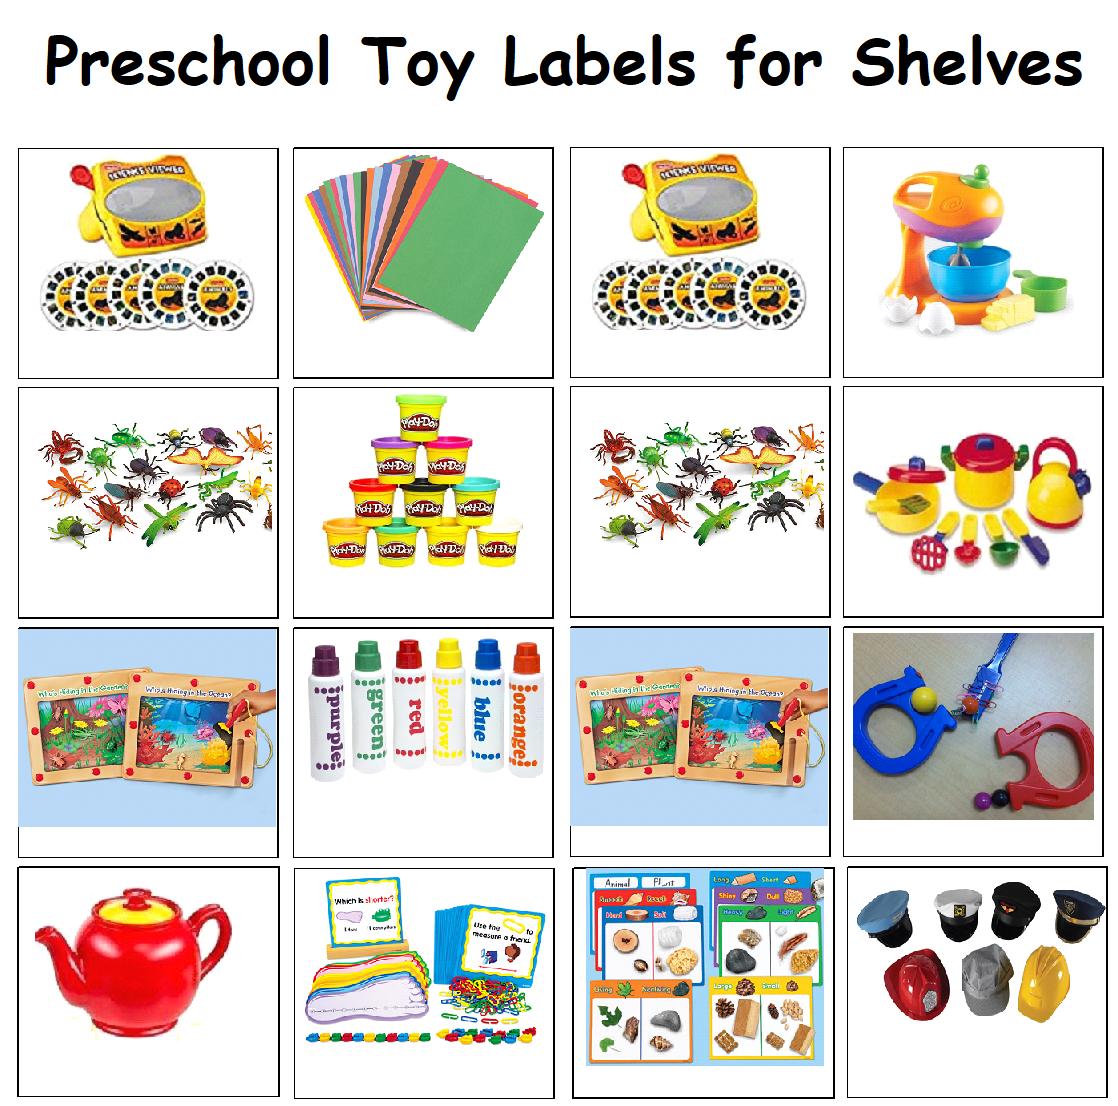 Preschool Classroom Labels for toy shelves | Classroom ...